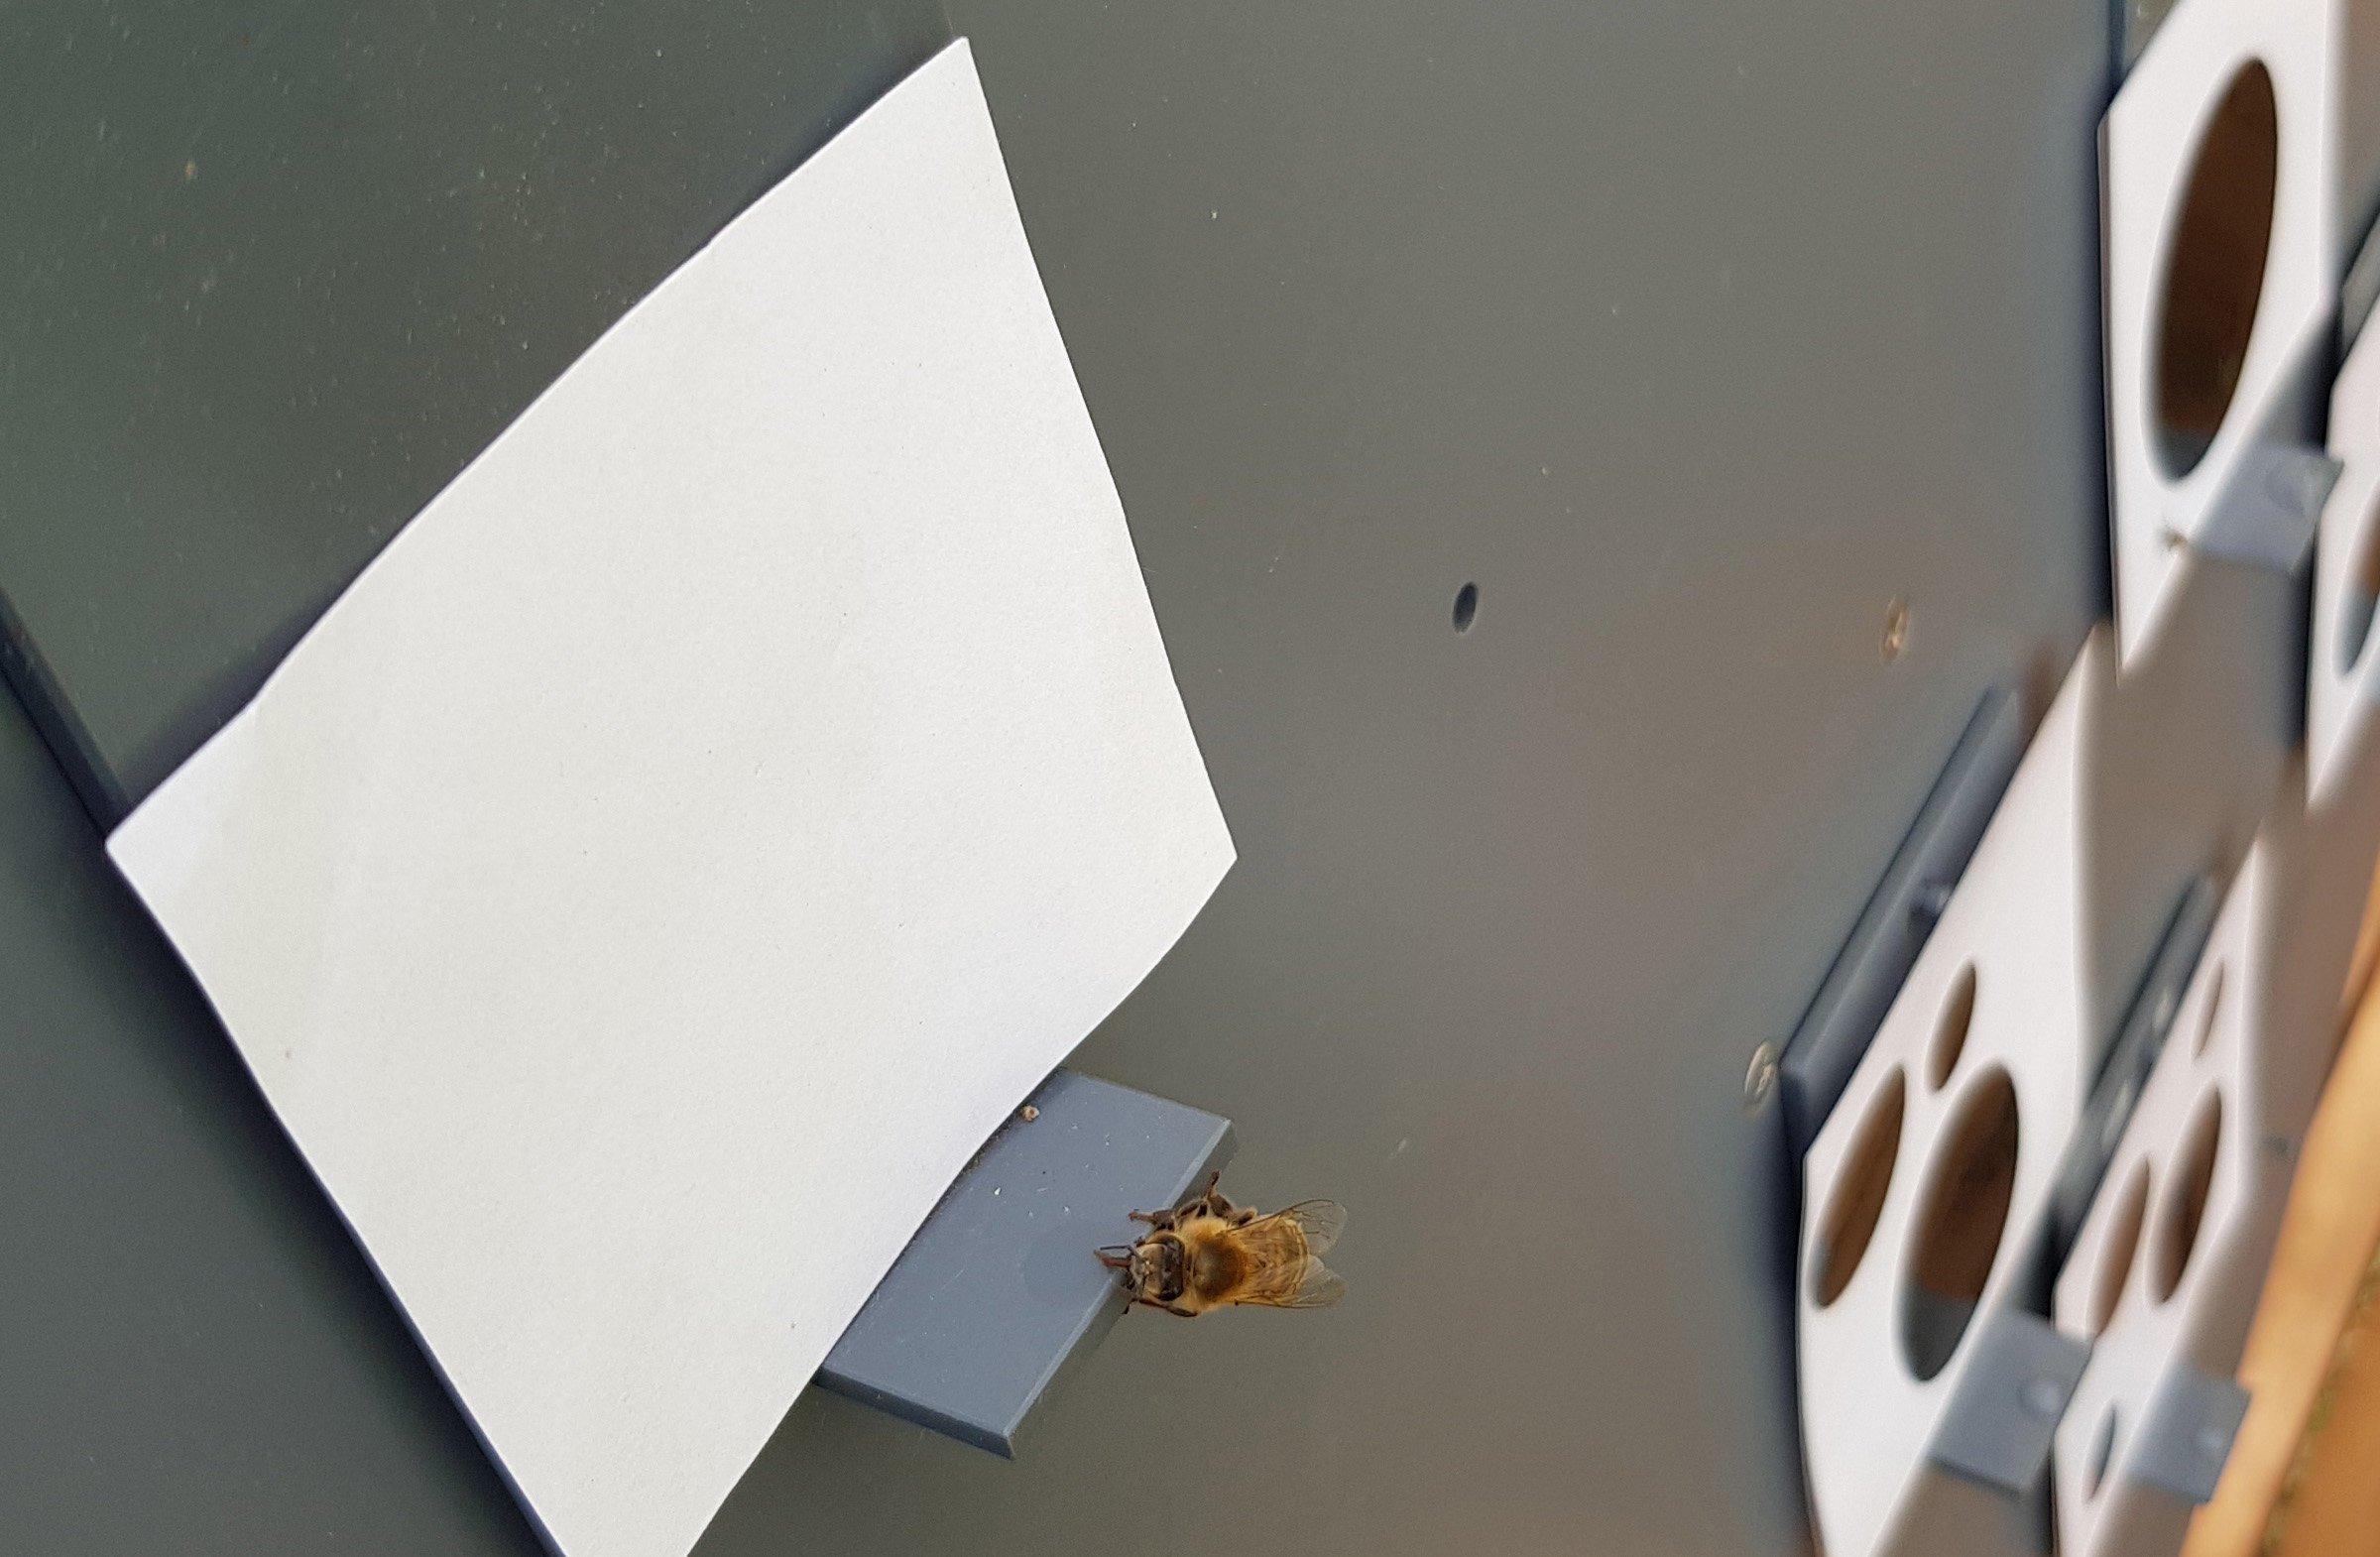 Пчелы понимают, что такое ноль